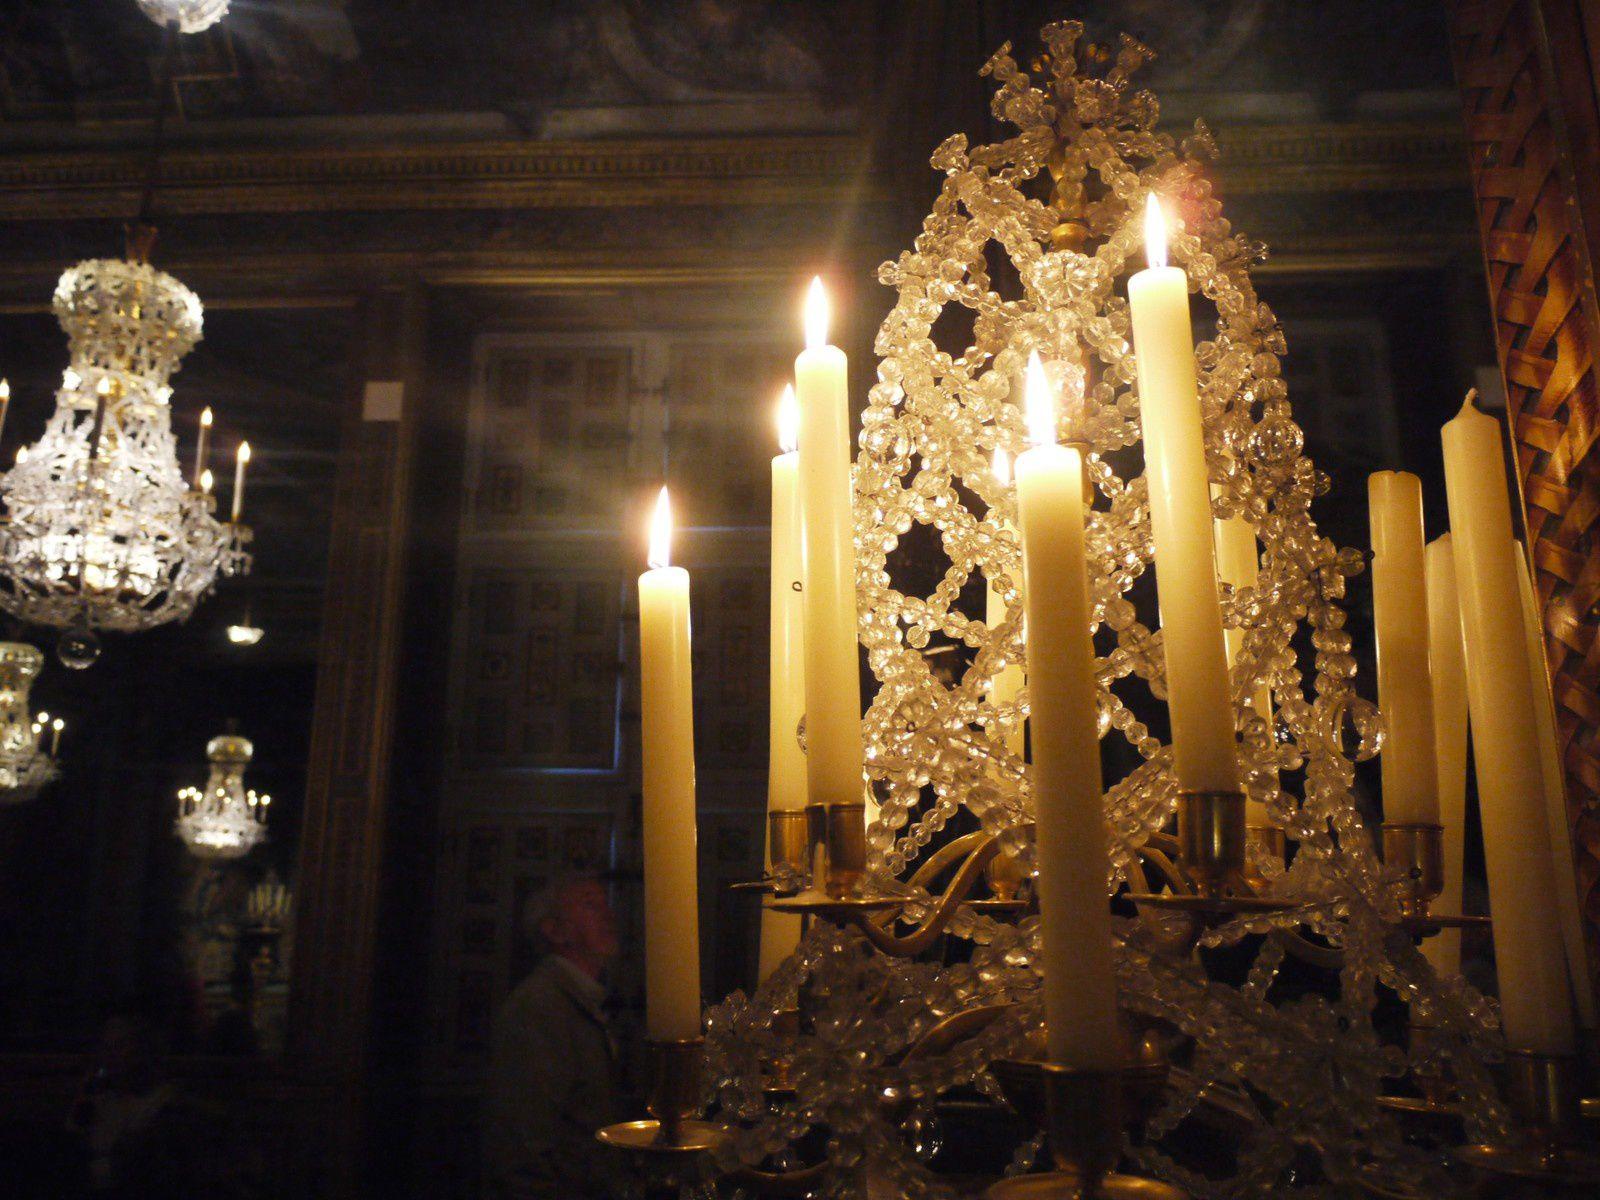 Virée au Château de Vaux-le-Vicomte (avec soirée aux chandelles)